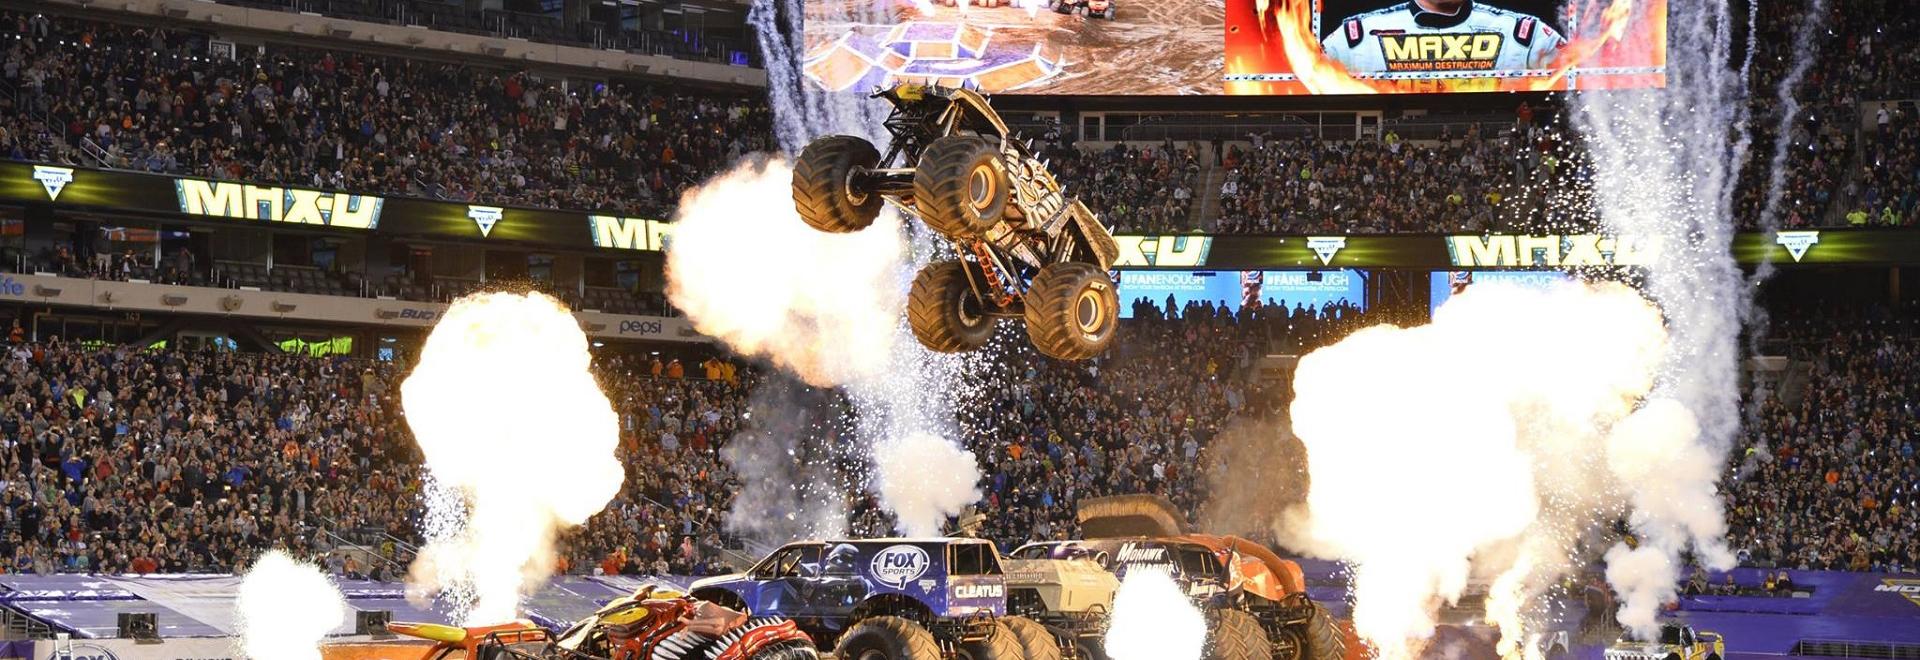 Max D Stunt at MetLife Stadium